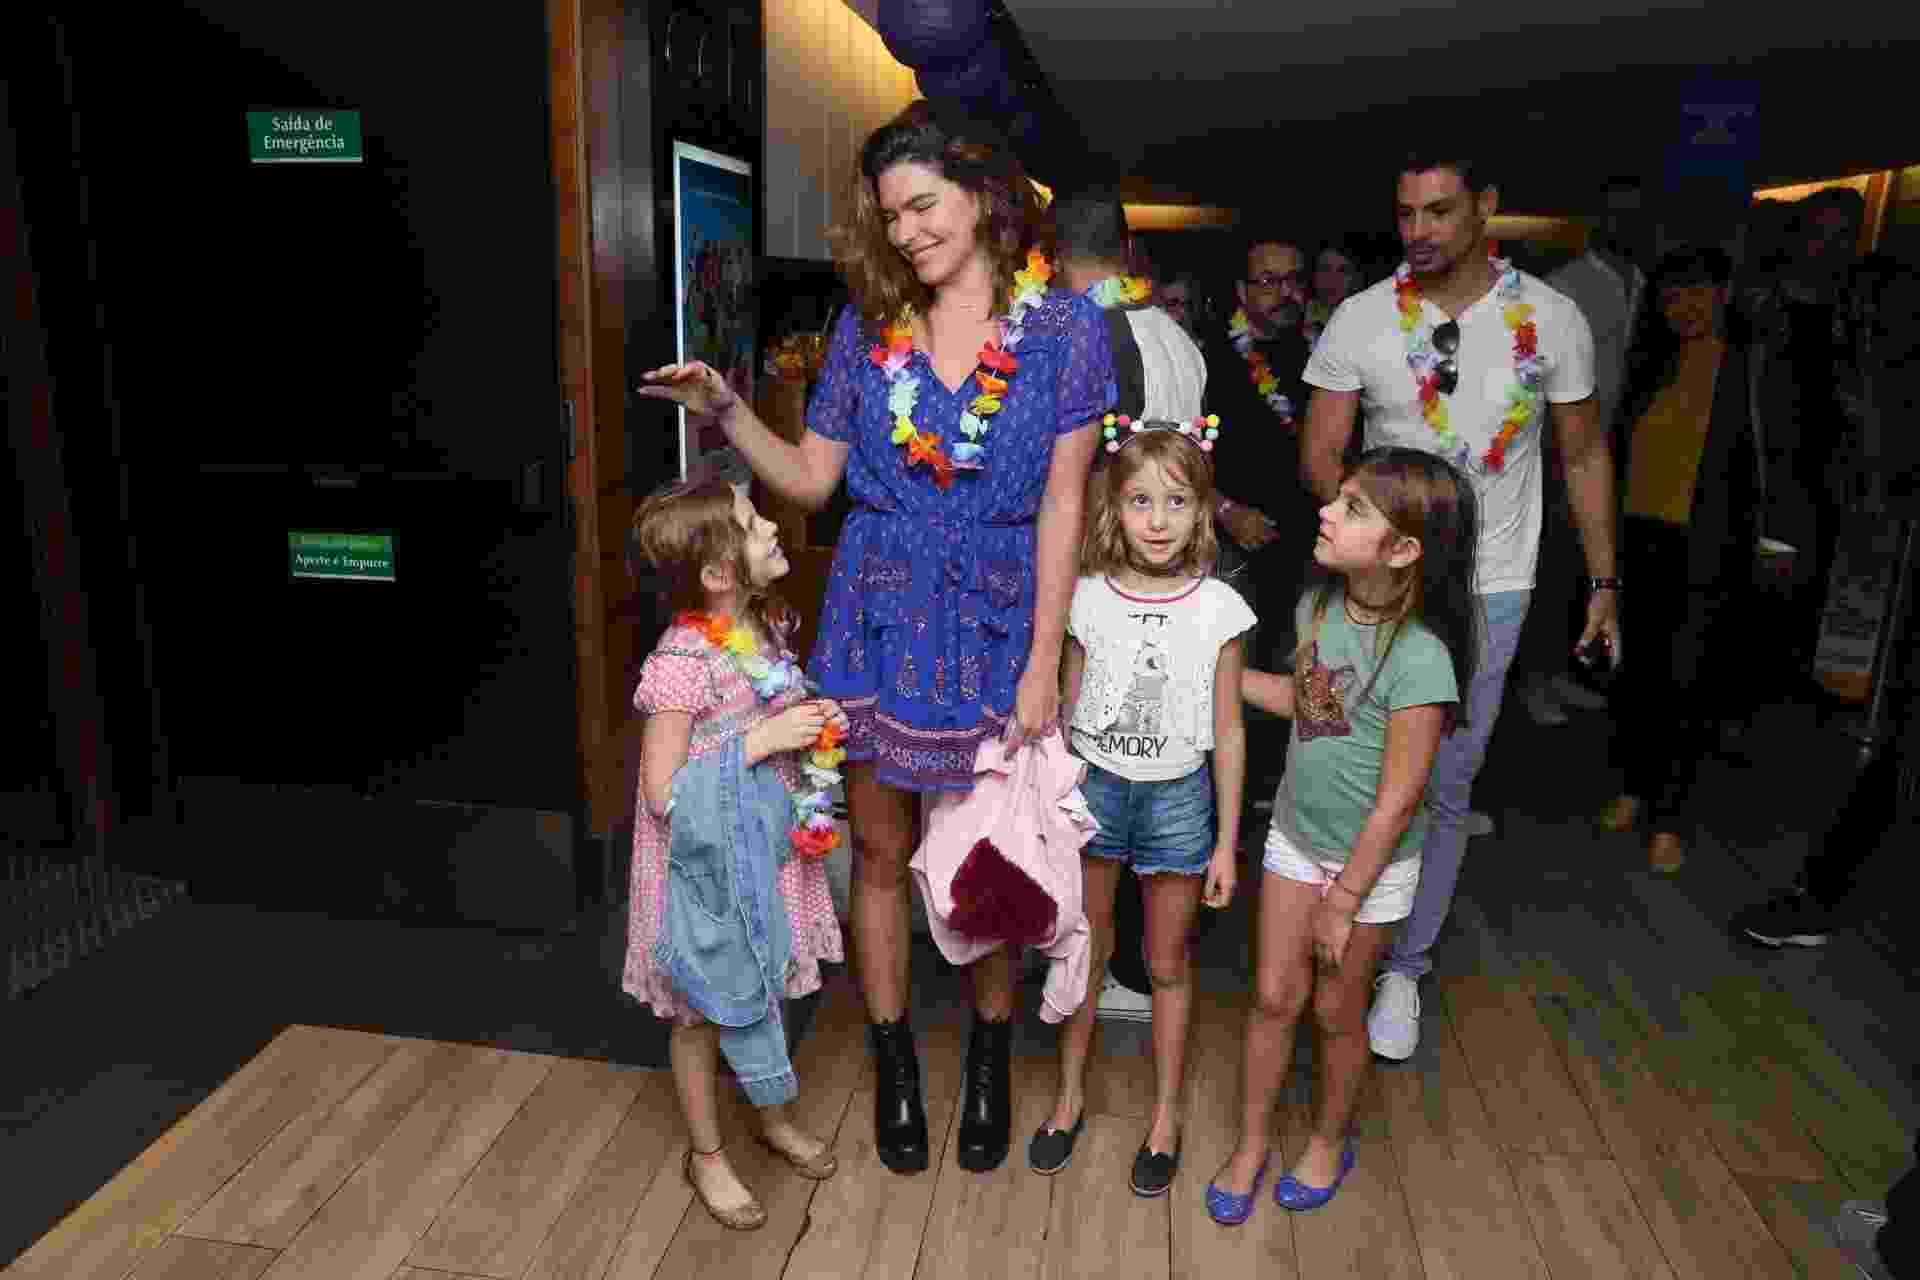 Mariana Goldfarb e Cauã Reymond levaram Sofia à pré-estreia - Anderson Borde/AgNews